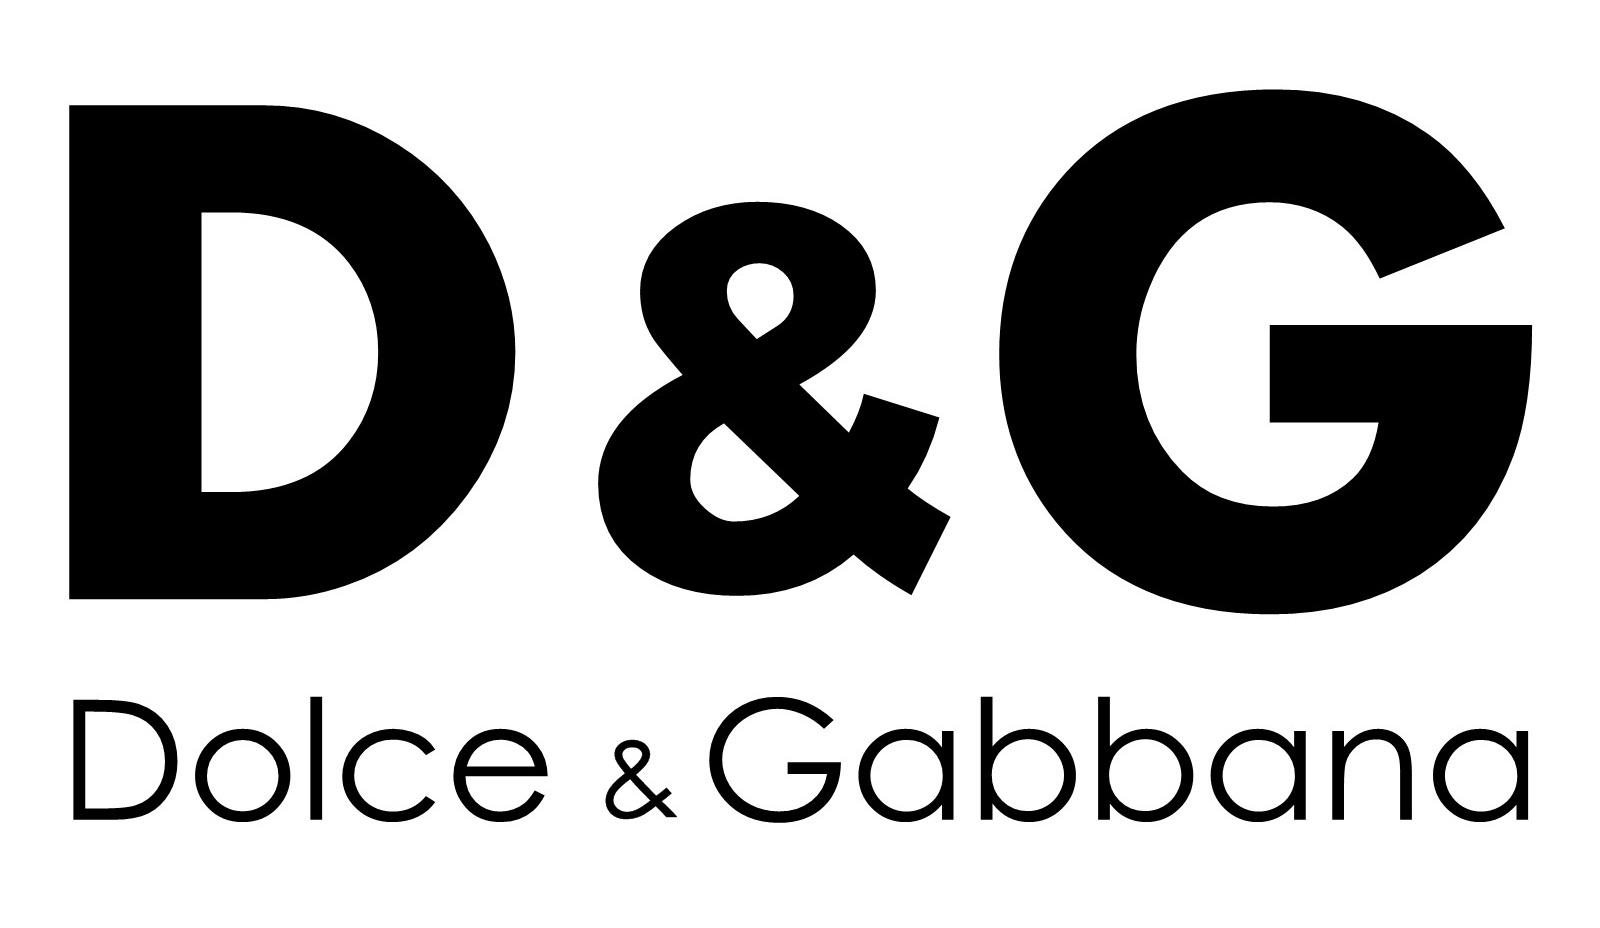 Wer sind die modedesigner dolce gabbana queerdeals for Modedesigner frankfurt